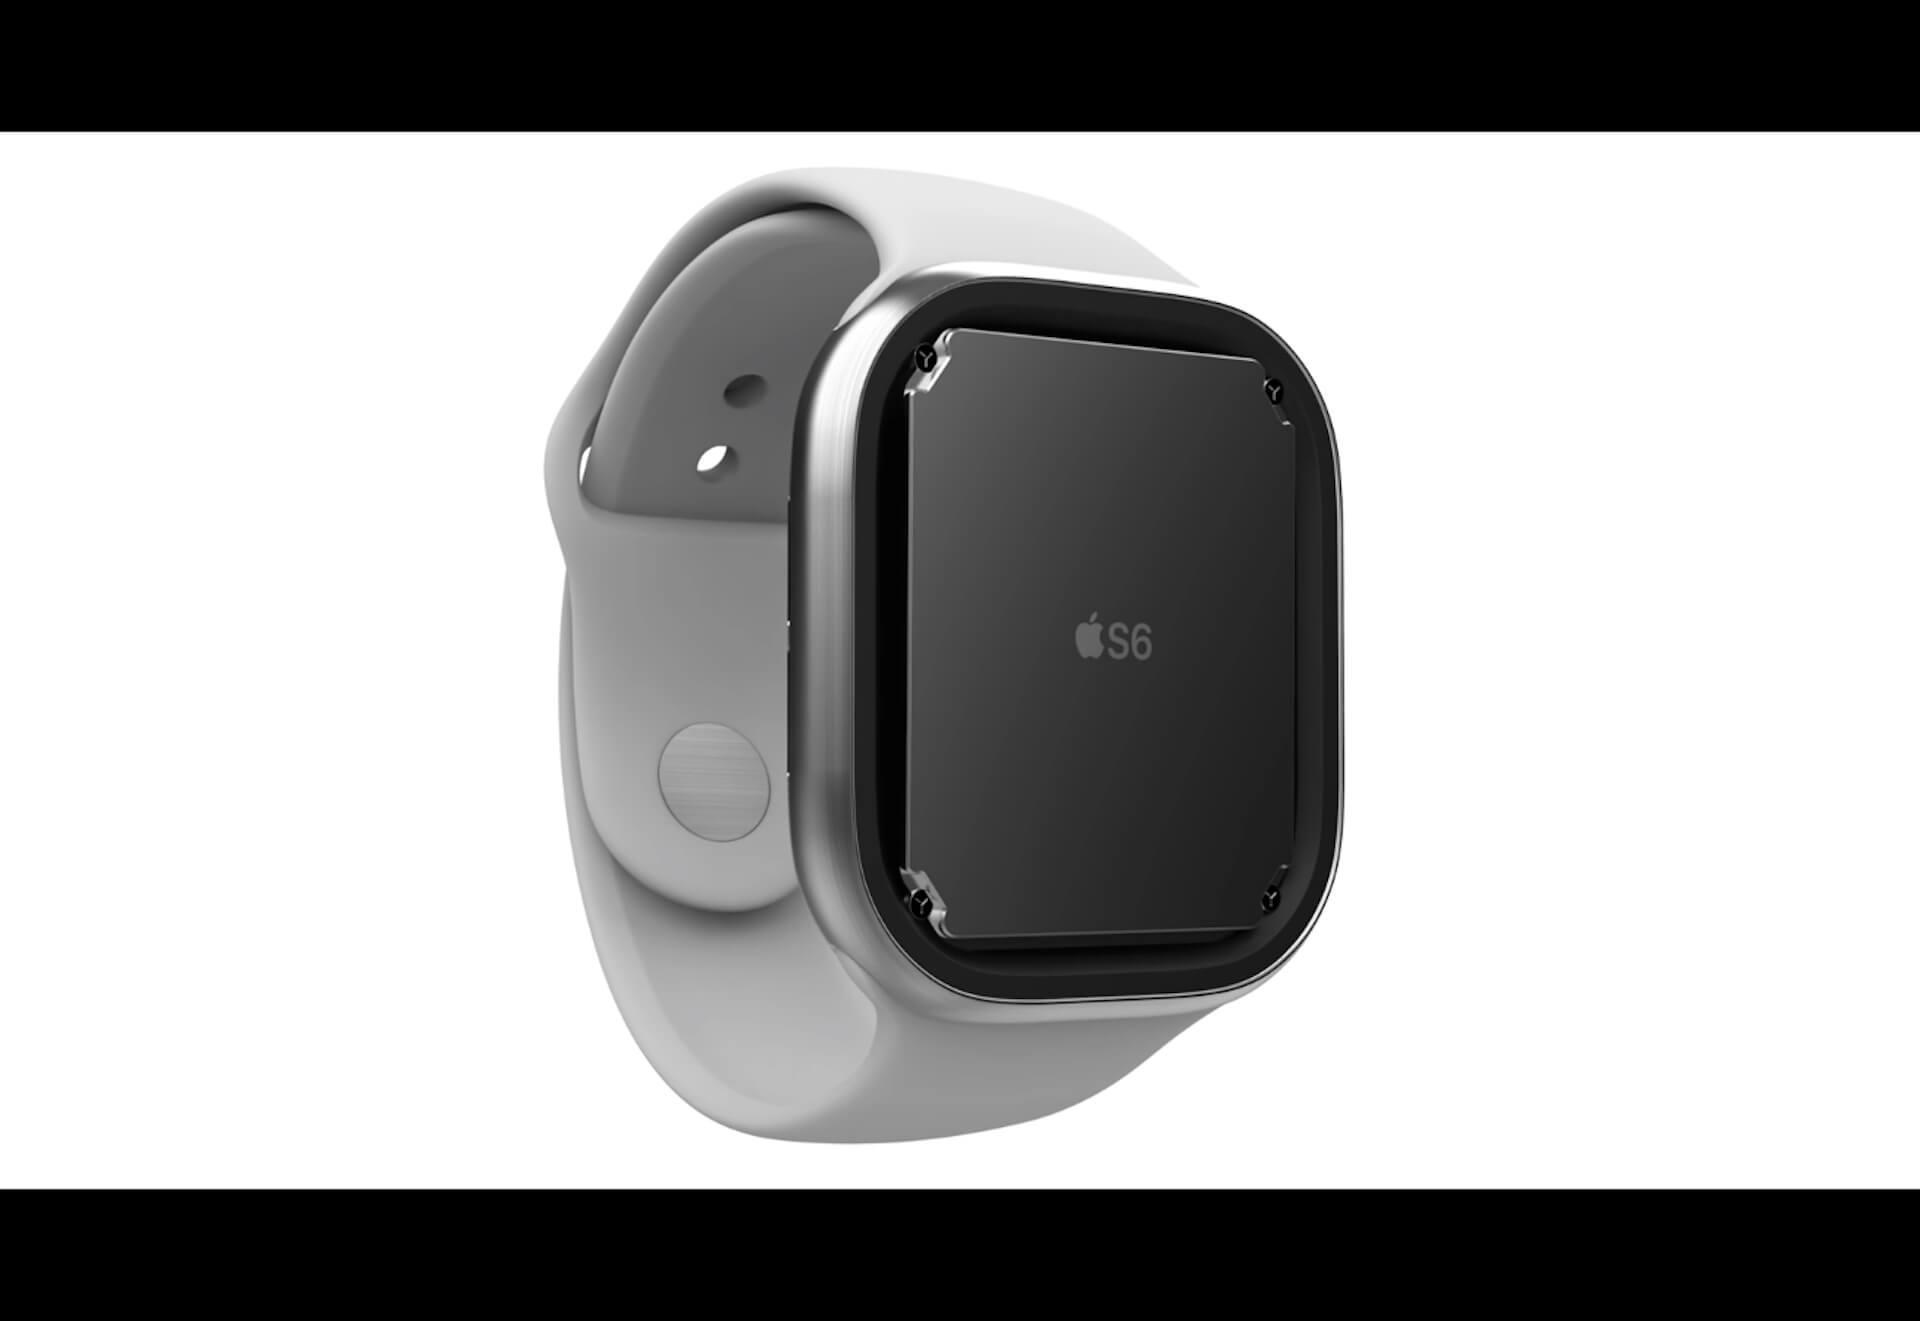 今年末発表のApple Watch Series 6はバッテリー容量が少なくなる?サイズ違いのモデル登場の可能性 tech200803_applewatch_main